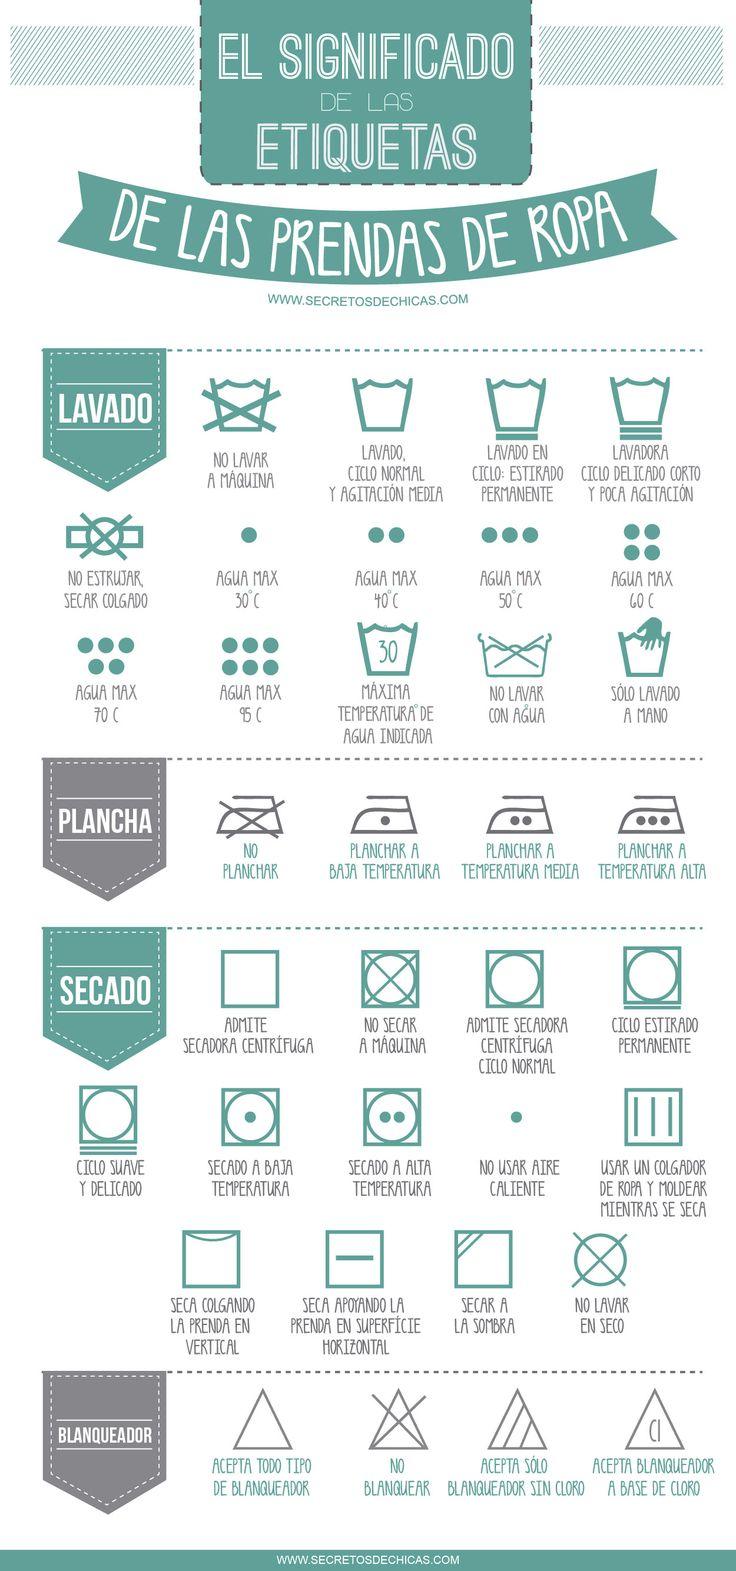 El significado de las etiquetas de las prendas